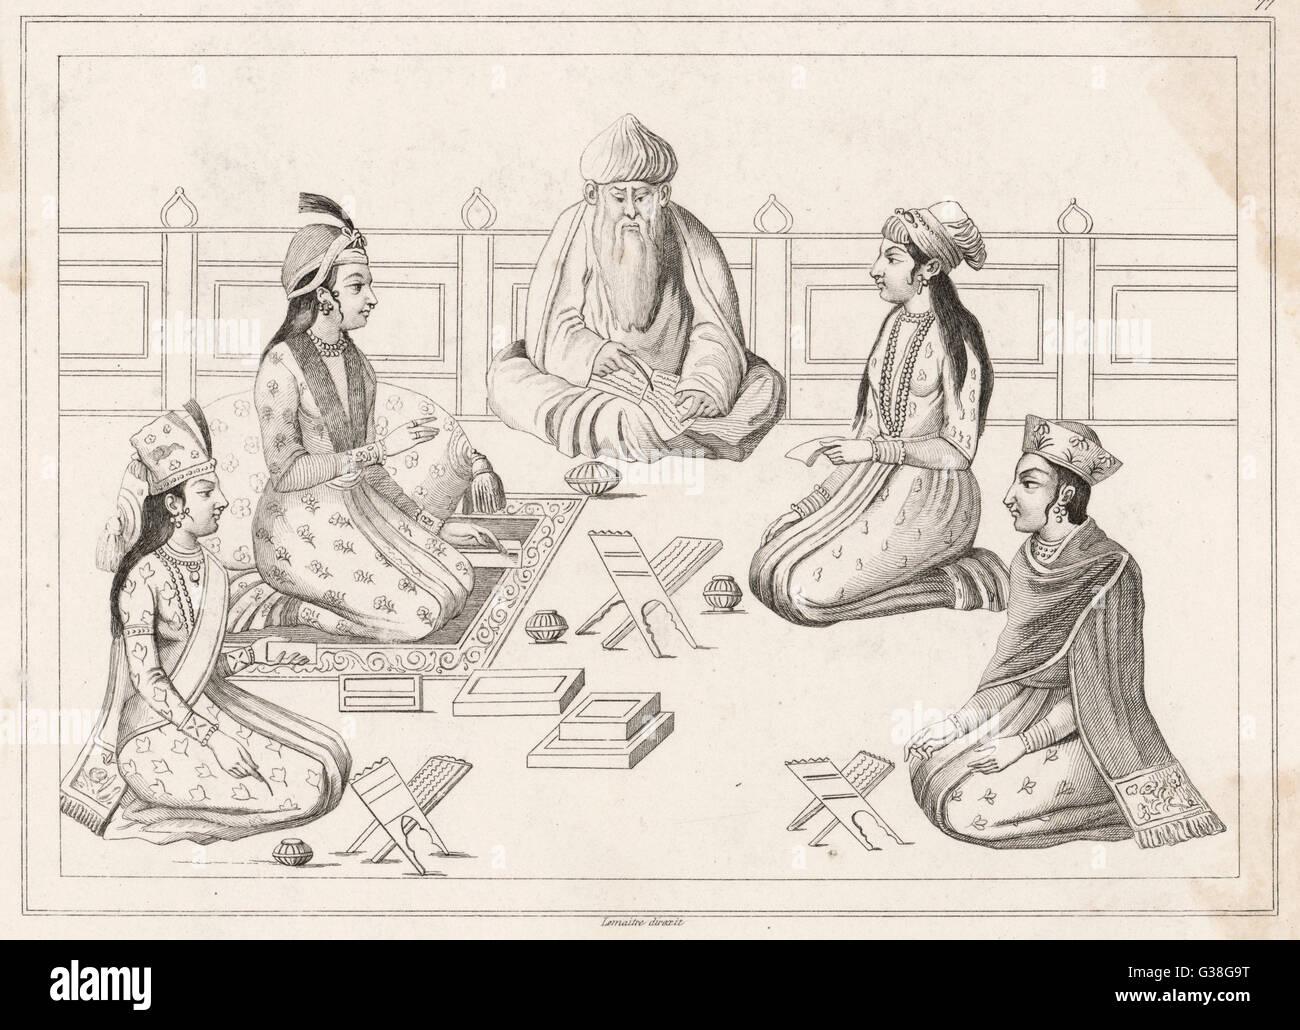 Un religioso sage fornisce istruzioni di quattro studenti, probabilmente alla corte reale. Immagini Stock